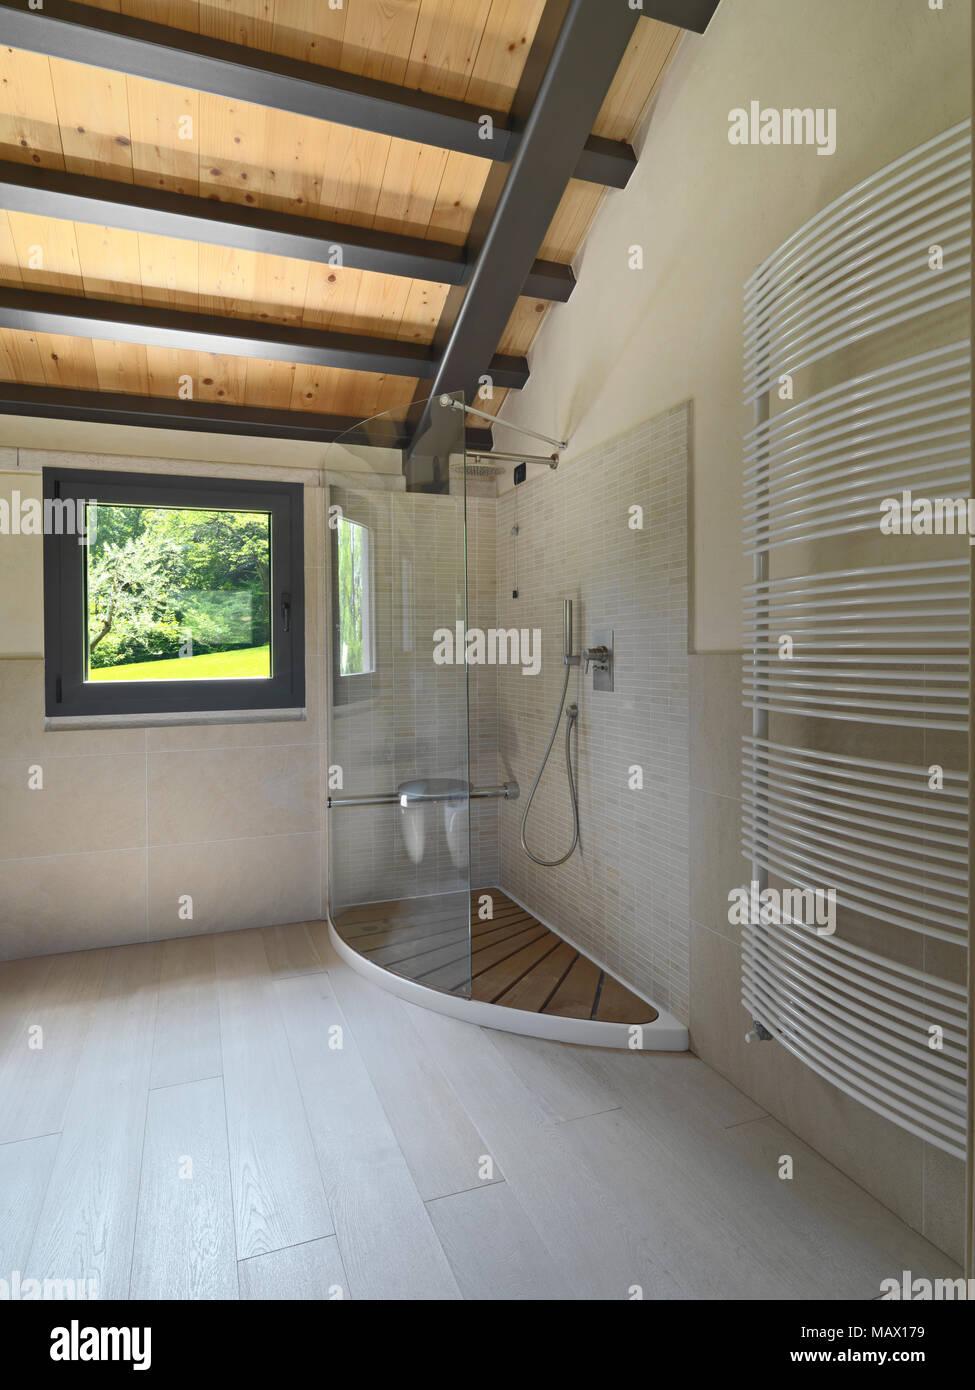 Fotografías de interiores de un baño moderno, en primer plano, redondo Lavabo encimera de hte encimera de mármol en el fondo el bidé y el inodoro el Imagen De Stock